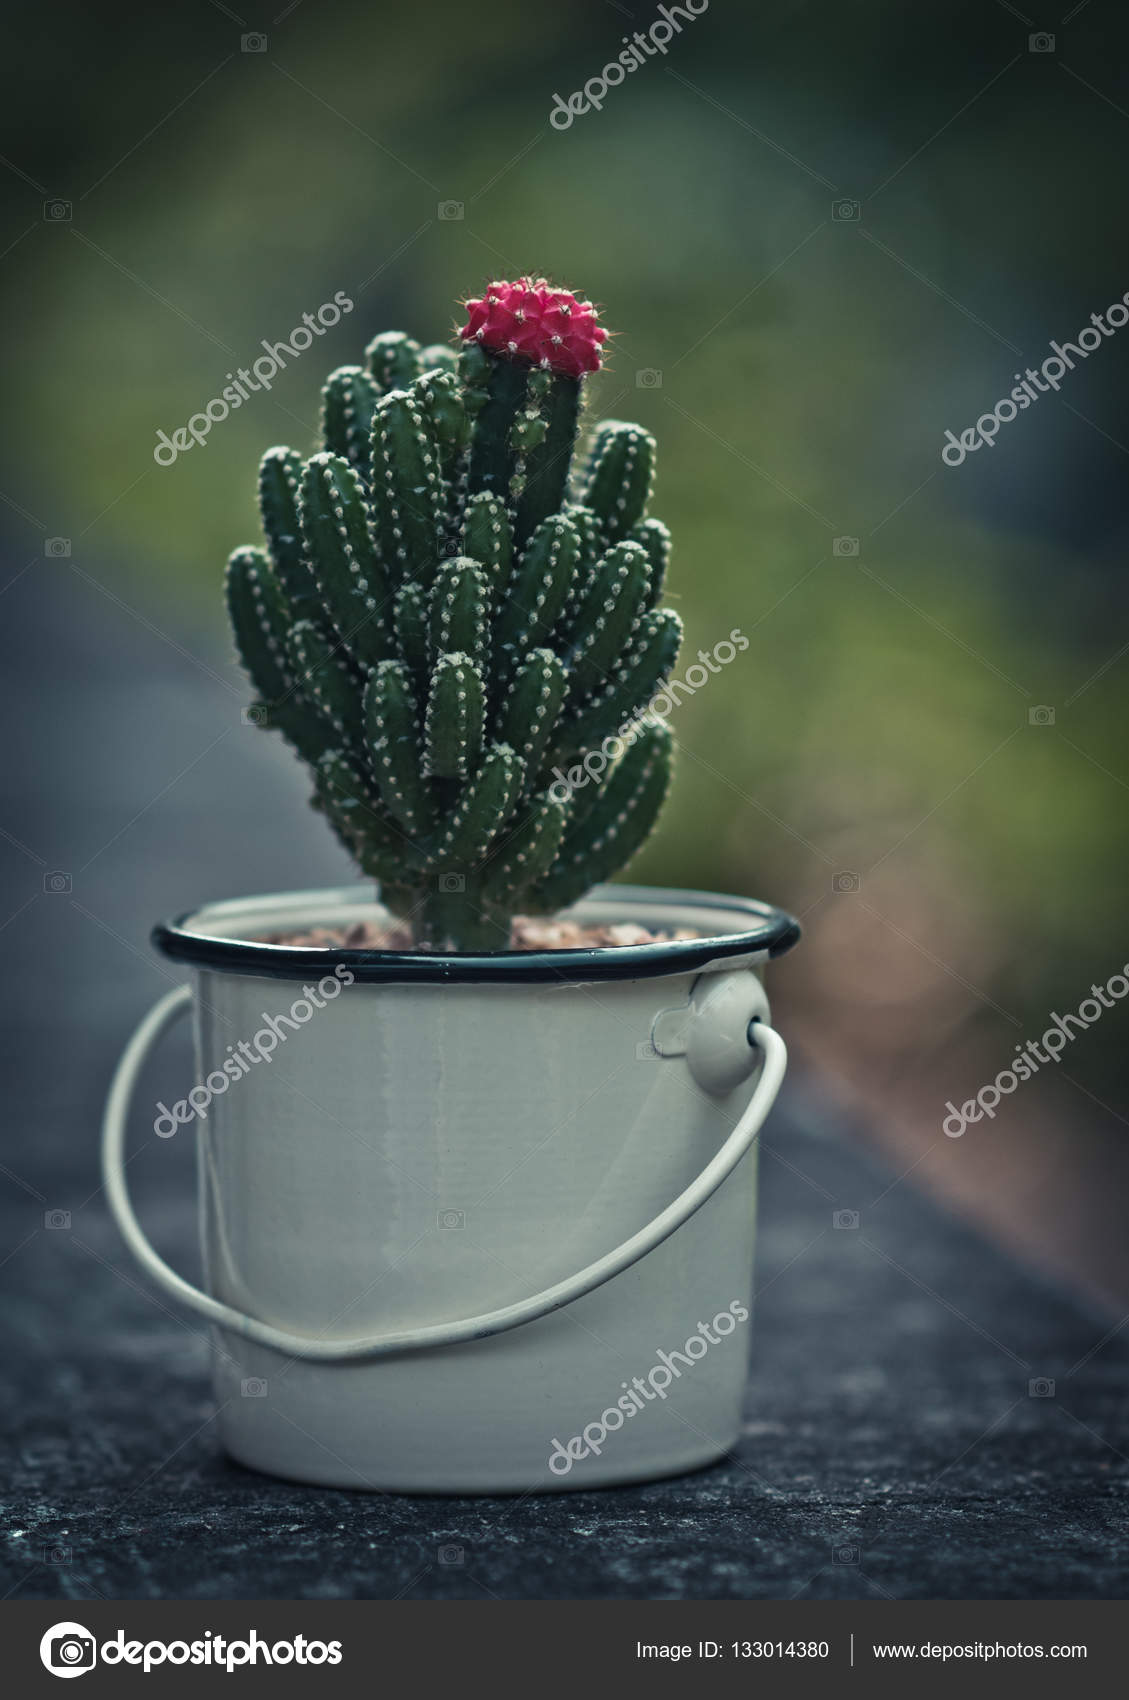 Beau Cactus Avec Fleur Rose Photographie Pixbox77 C 133014380